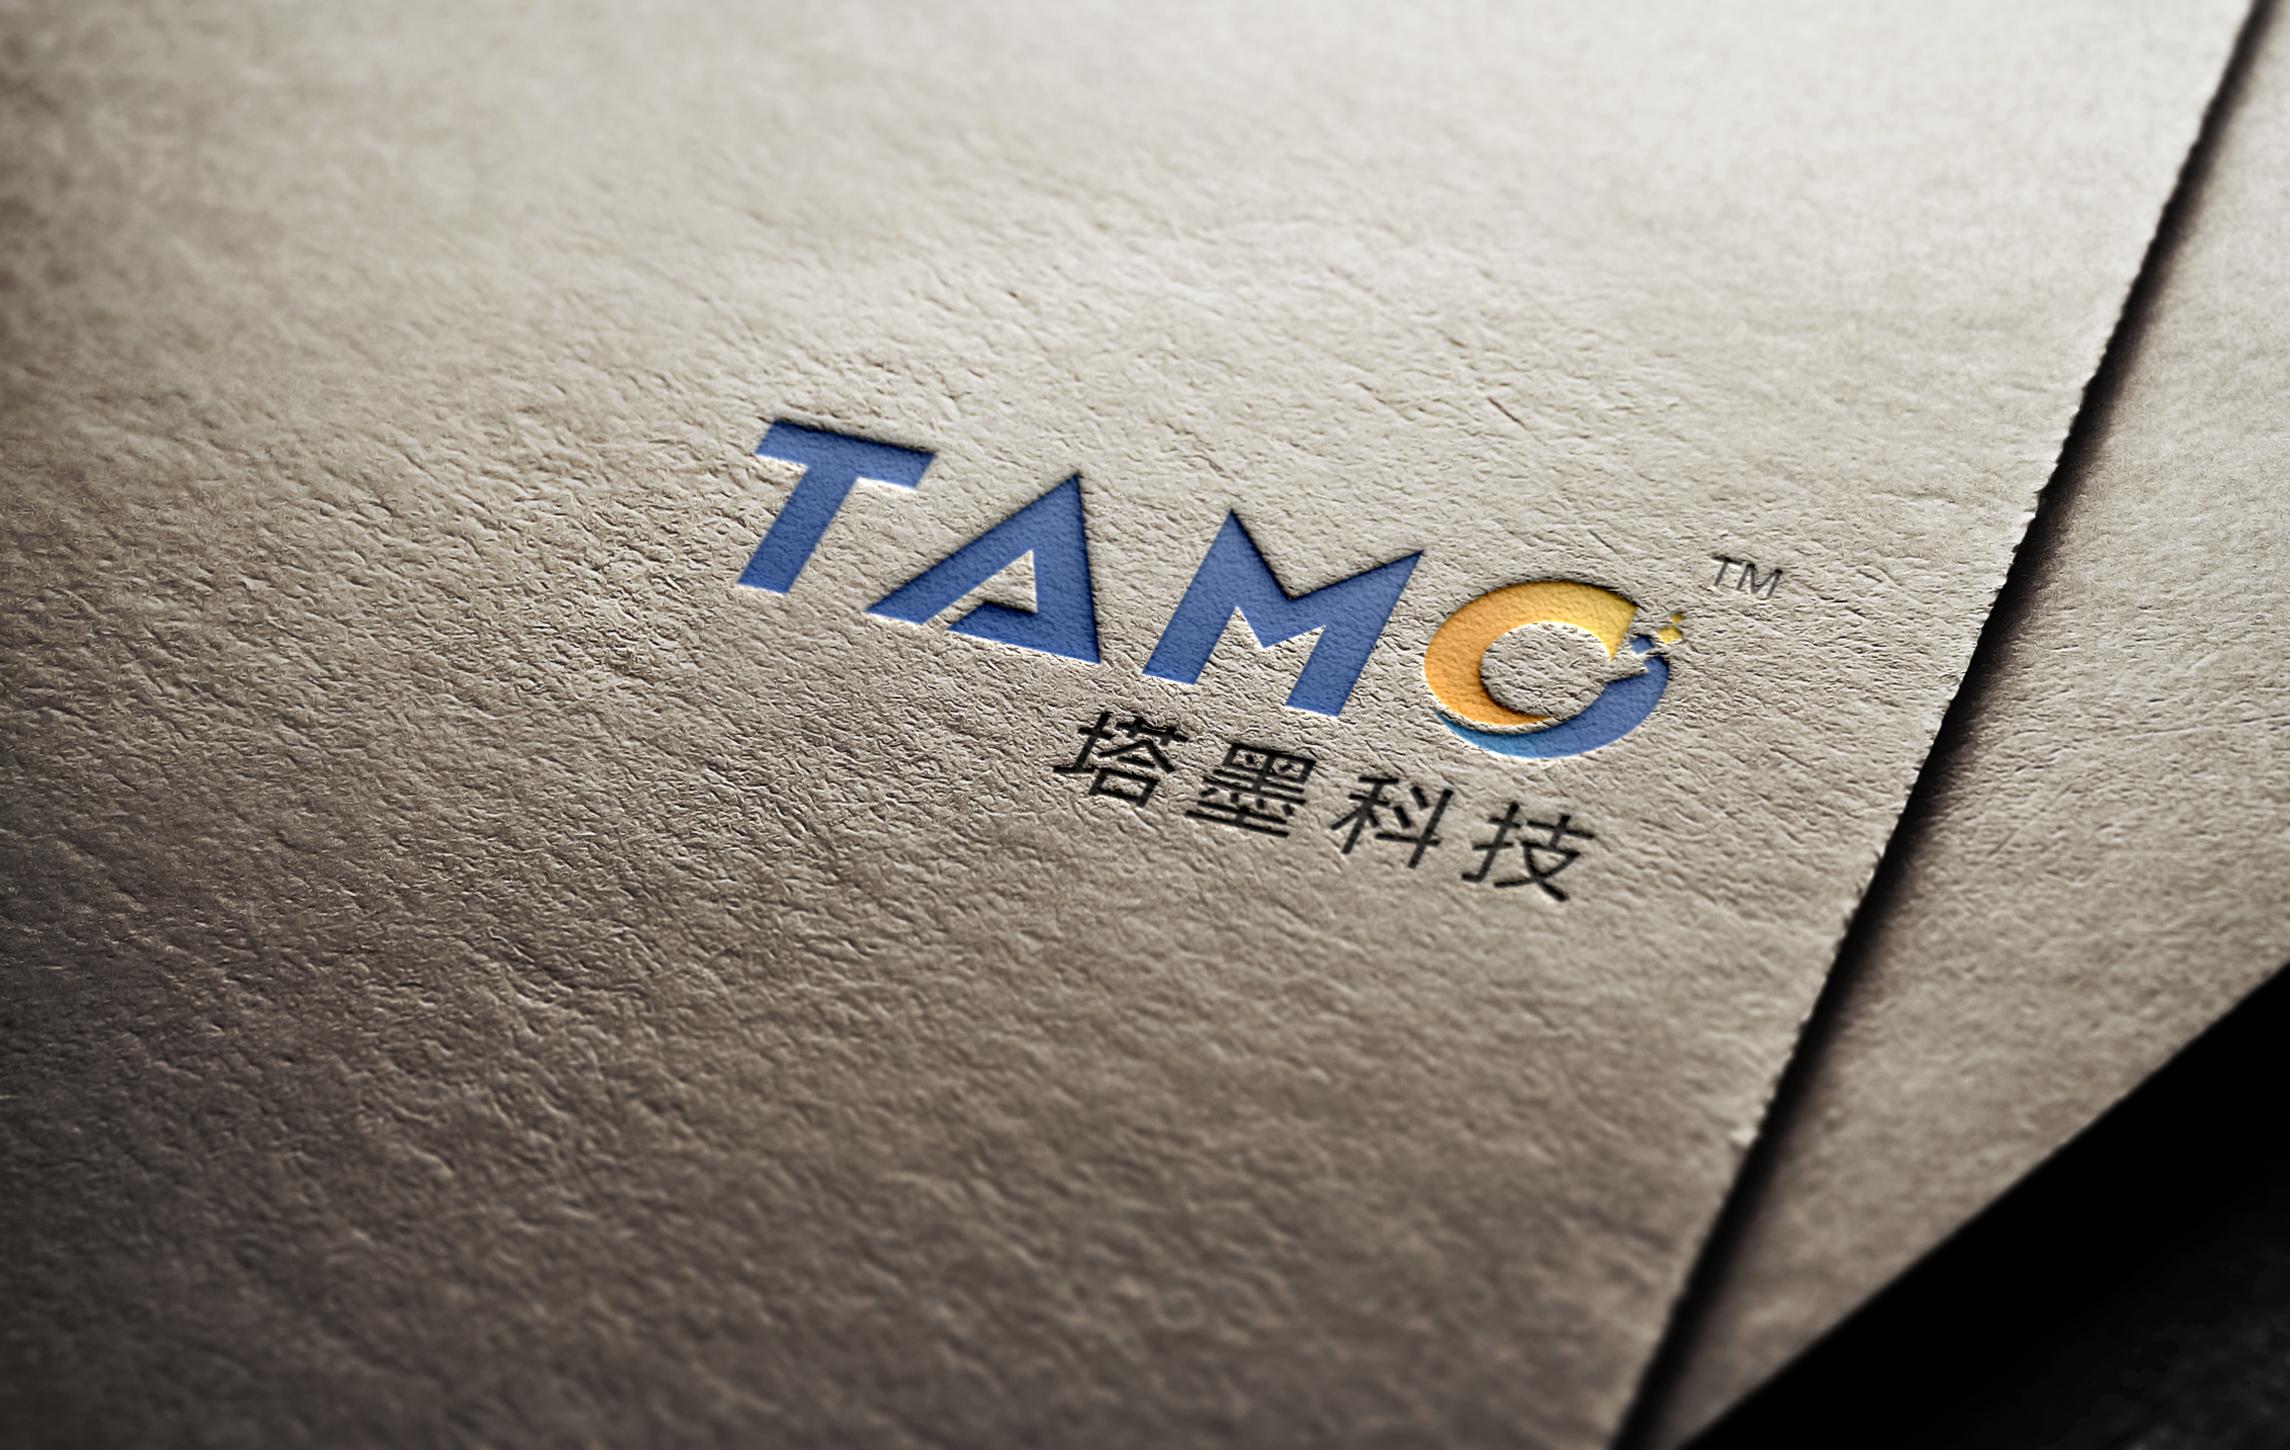 塔墨科技-品牌设计(上海)